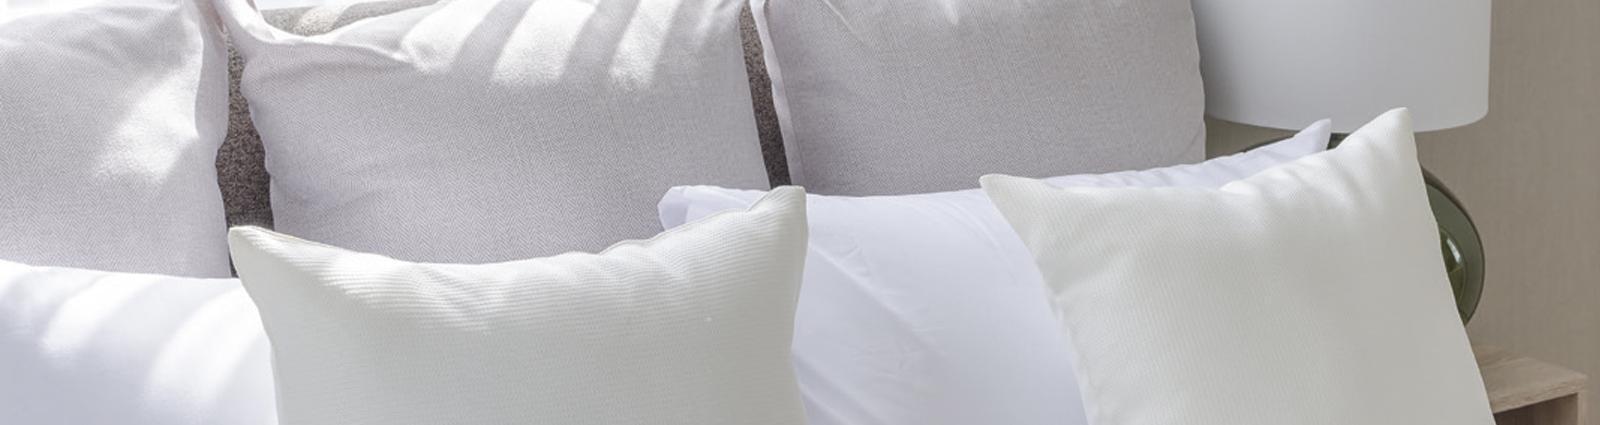 La 1ère impression de vos clients lorsqu'ils rentrent dans leur chambre d'hôtel se fait en regardant le lit : la hauteur du matelas, le gonflant de la couette, la qualité du linge de lit et bien évidemment les oreillers. Ces derniers doivent être ultra confortables et inviter au repos. Pour parfaire vos lits et assurer à vos clients un confort de sommeil absolu, choisissez des oreillers de qualité hôtelière, spécialement conçus pour un usage intensif et offrant des conditions d'entretien et d'hygiène adaptées à l'hôtellerie.